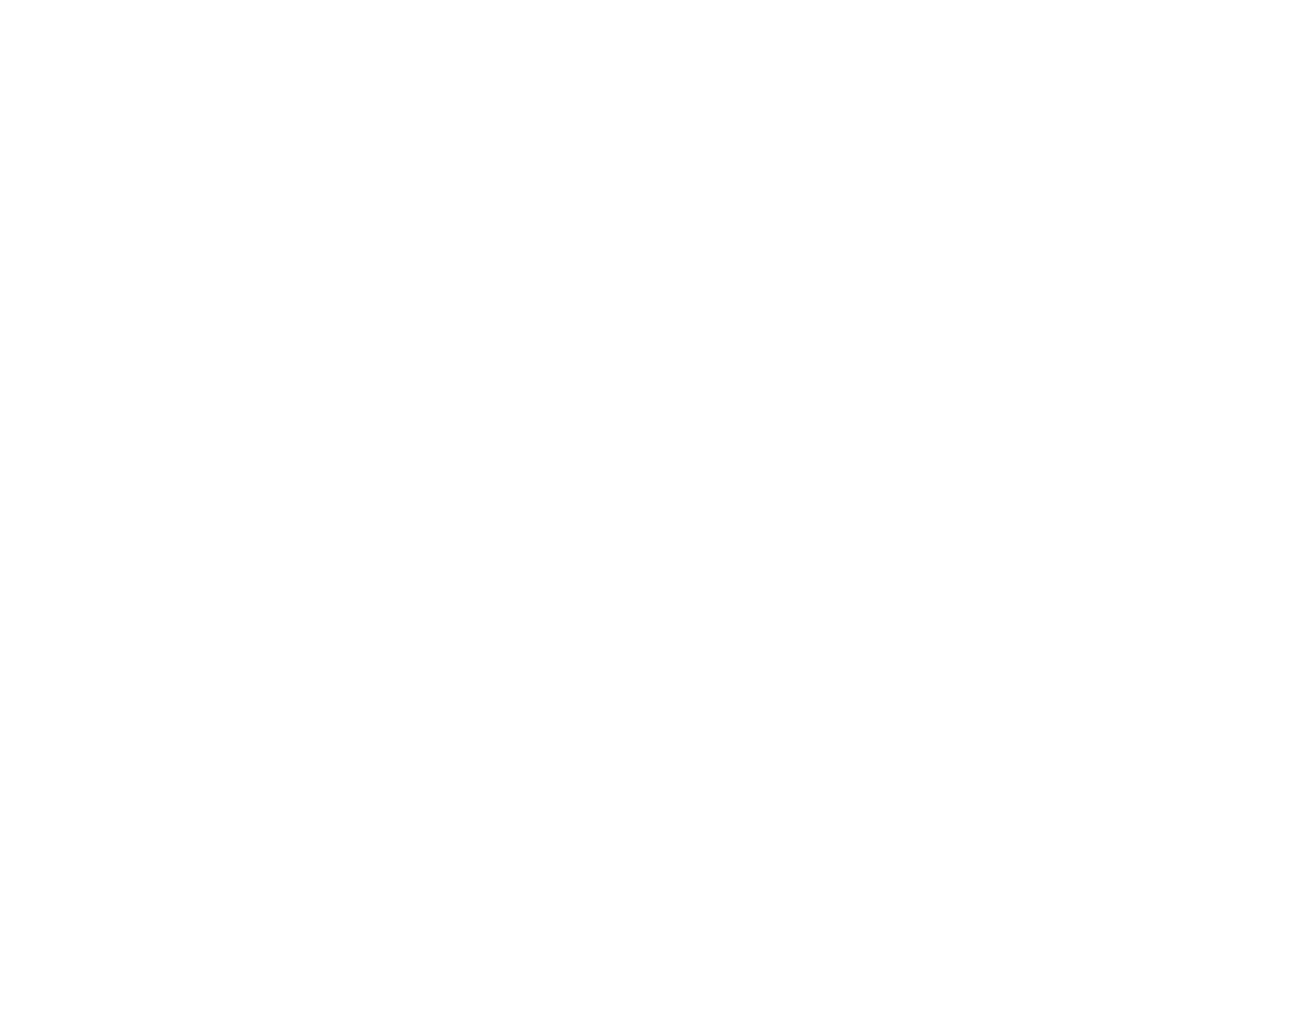 vcg_logo2w_2015